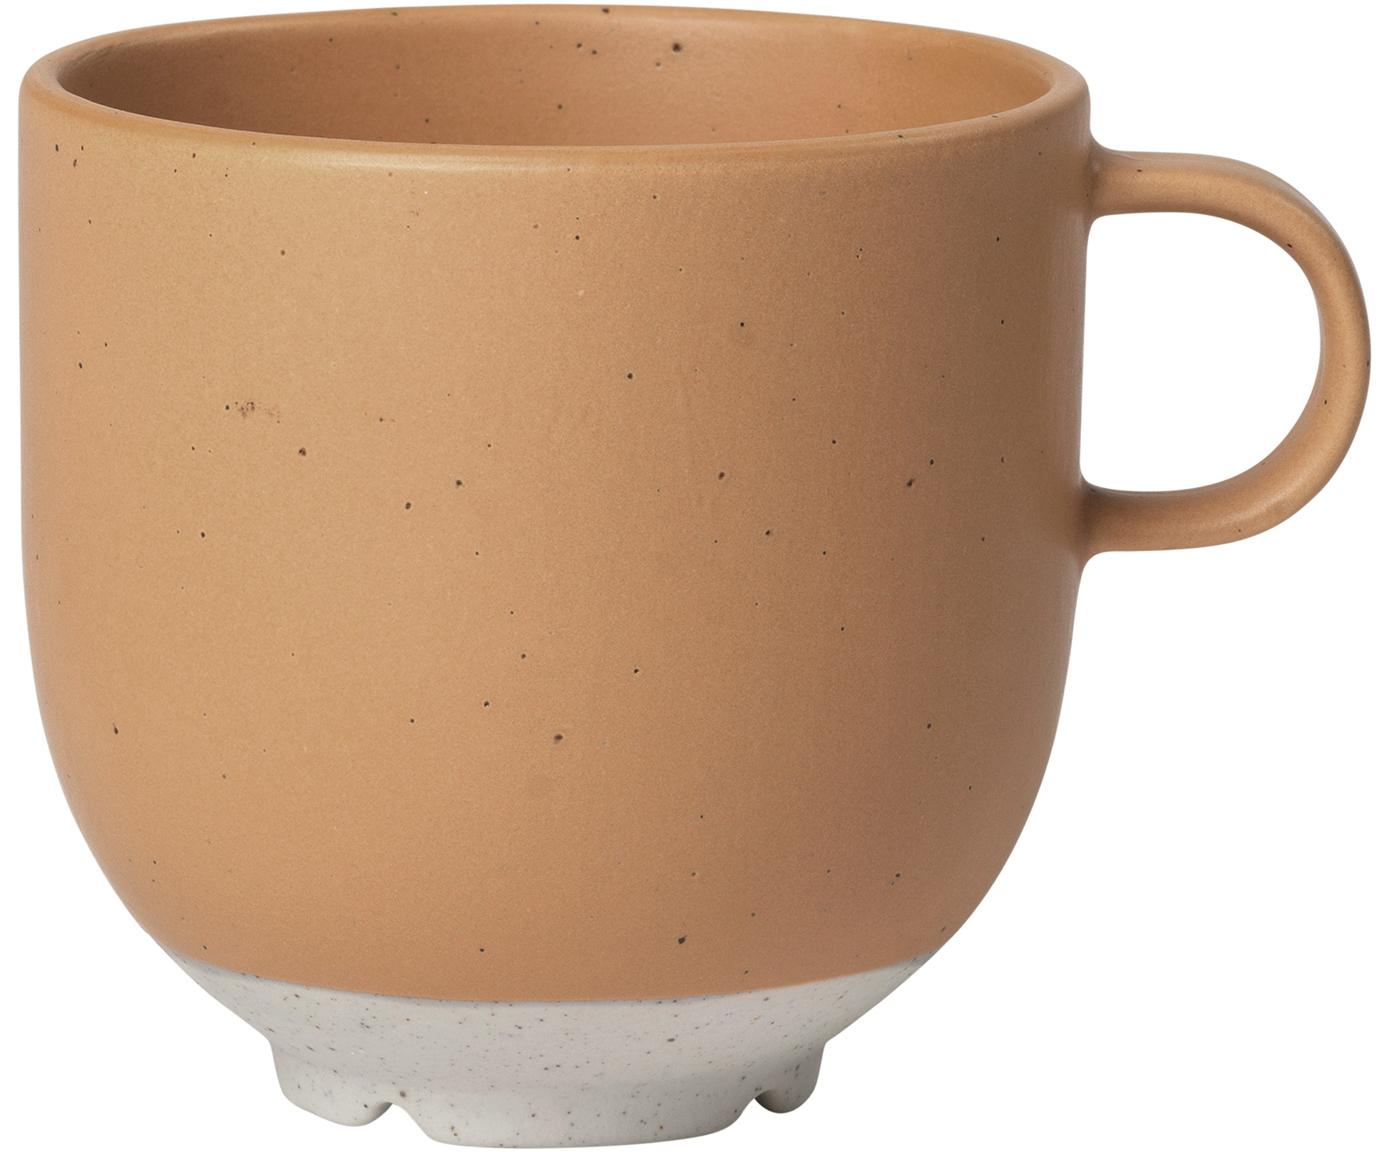 Steingut-Tassen Eli mit mattem Finish, 4 Stück, Steingut, Hellbraun, Beige, Ø 8 x H 8 cm